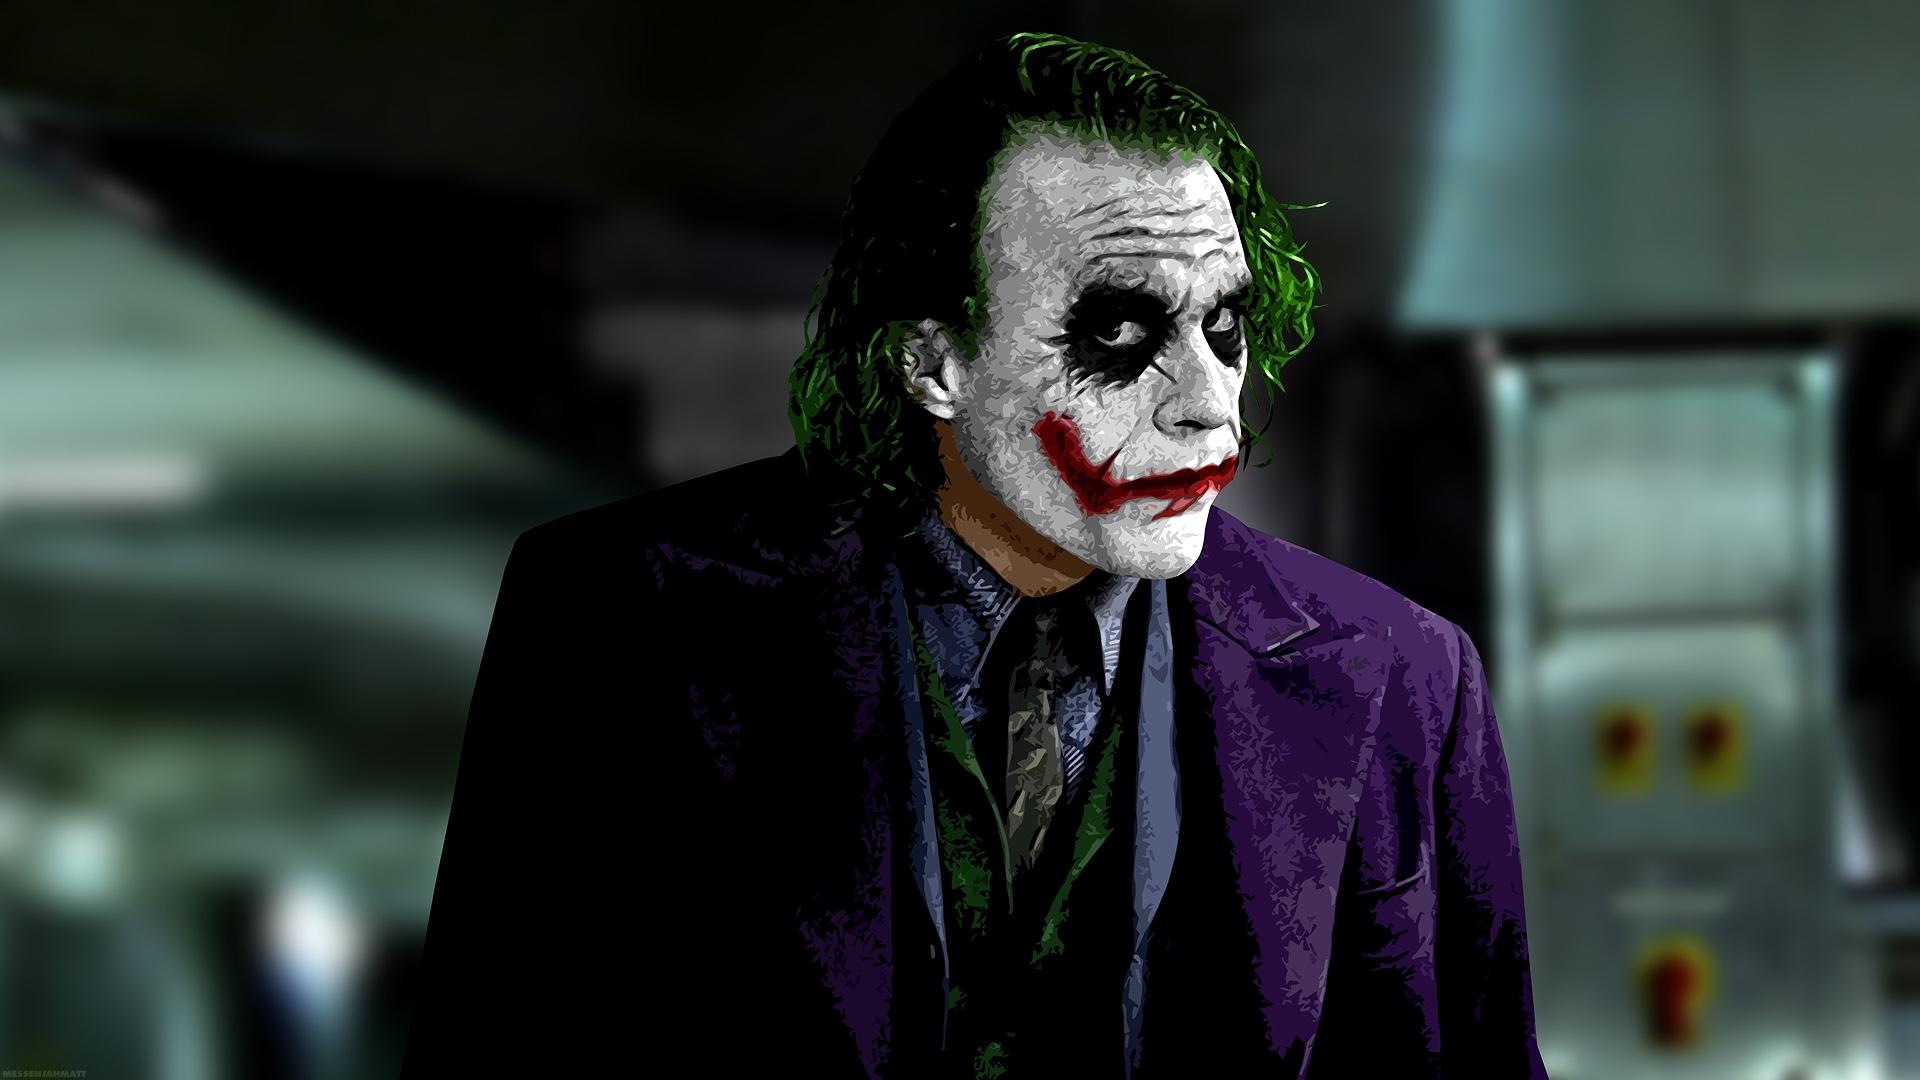 عکس جوکر در فیلم شوالیه تاریکی